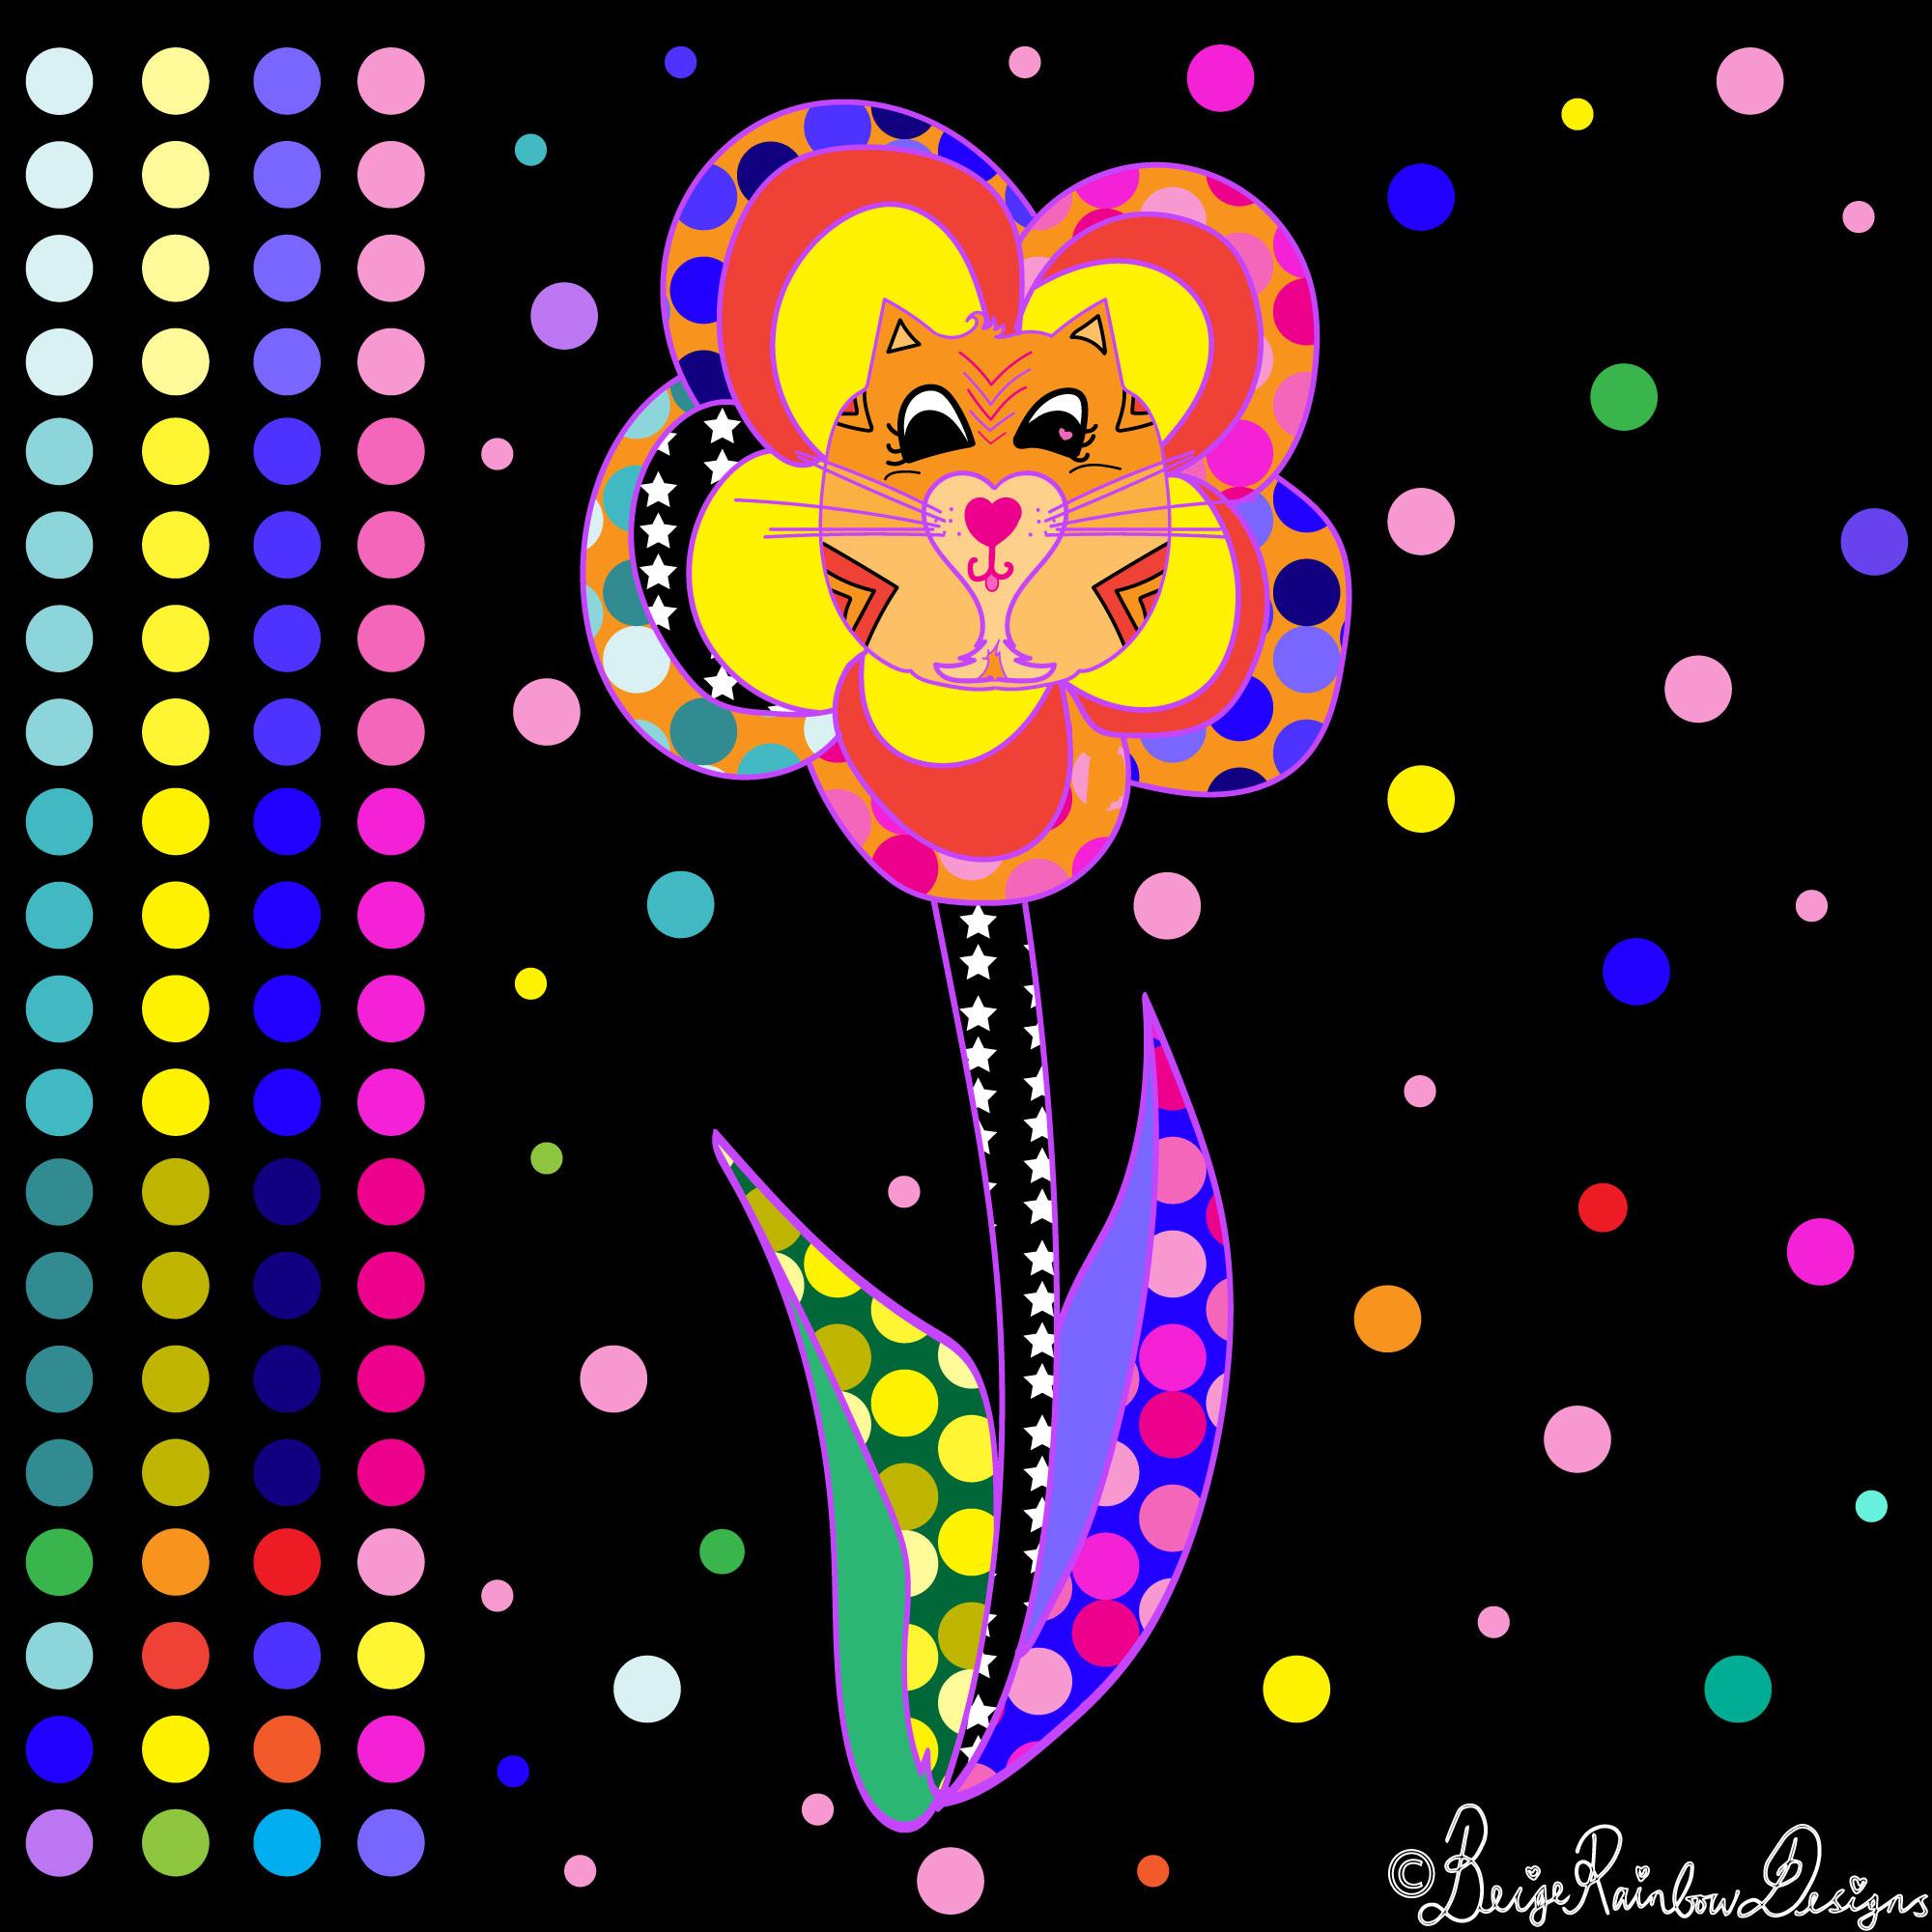 Flowercat-2-for-webby.jpg